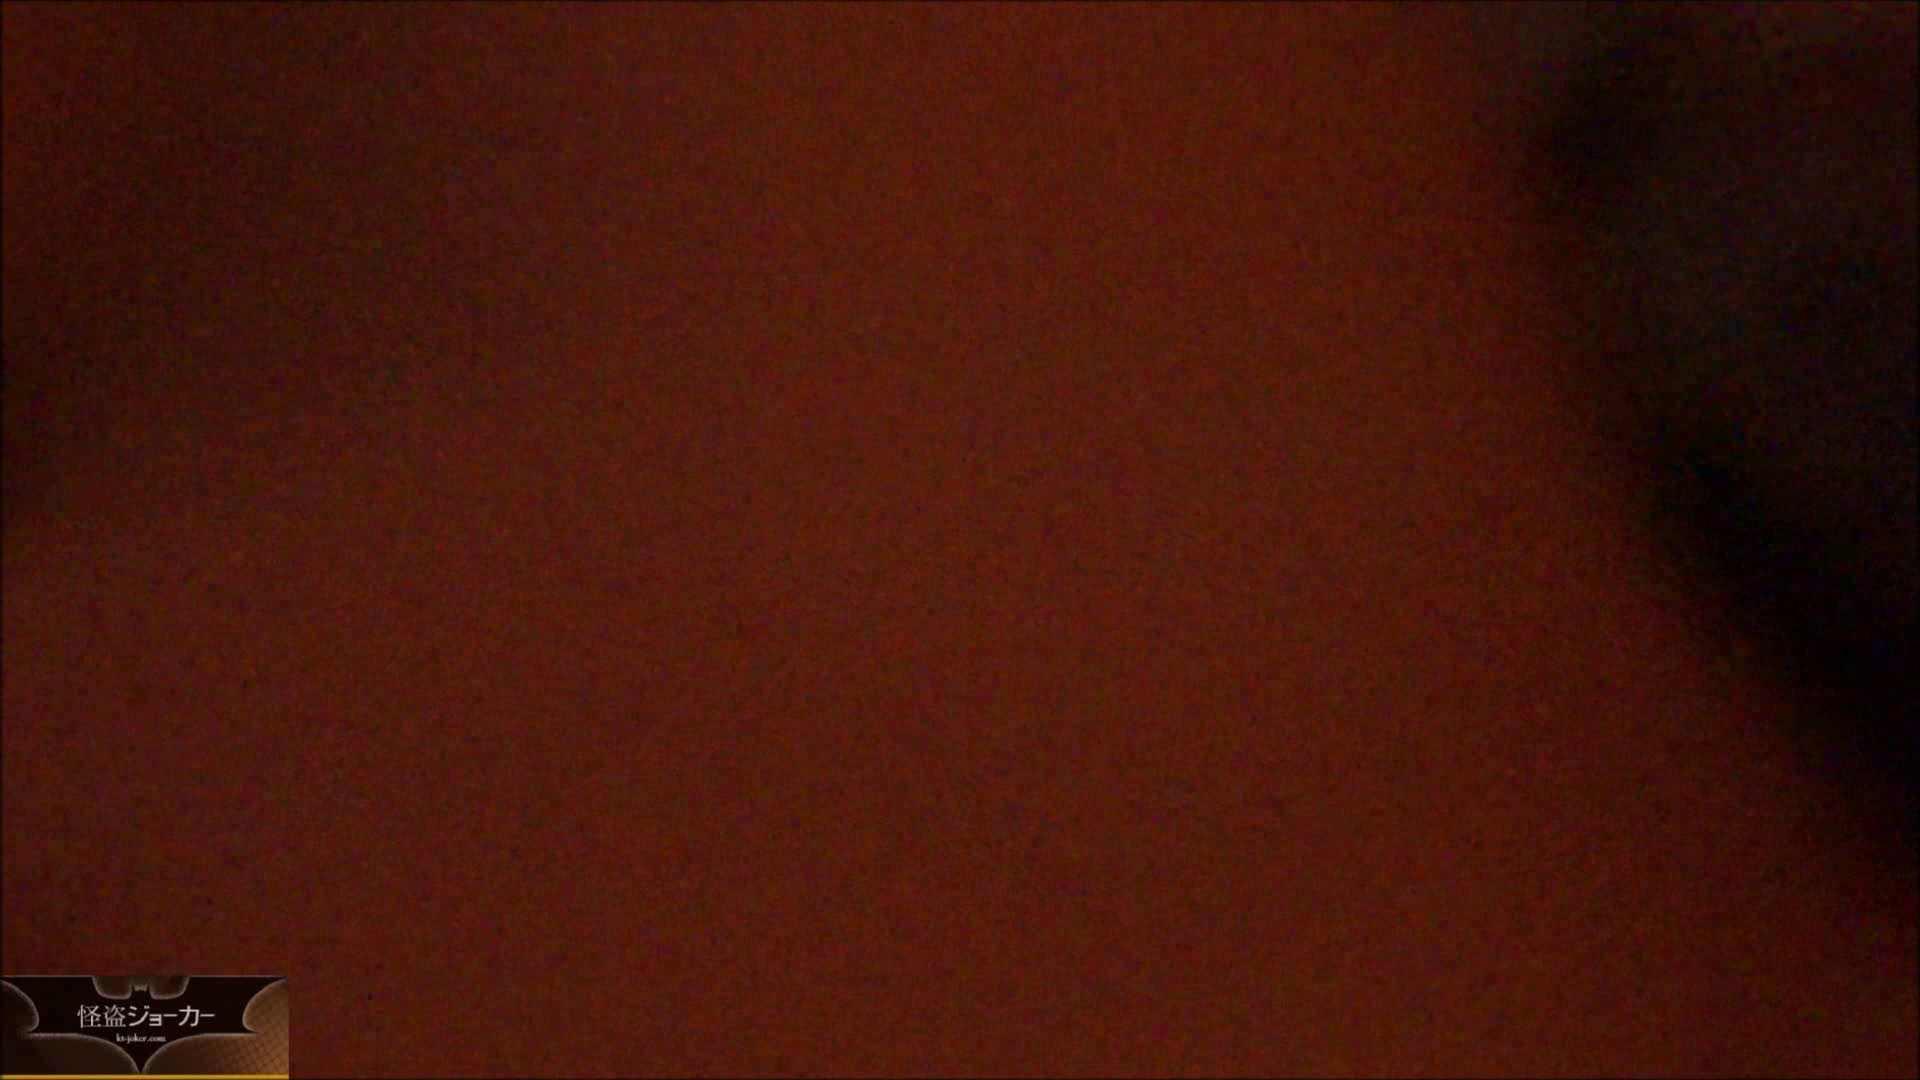 【未公開】vol.31 朋葉を目民り姫にして味比べ・・・ 乳首 のぞきおめこ無修正画像 95連発 53